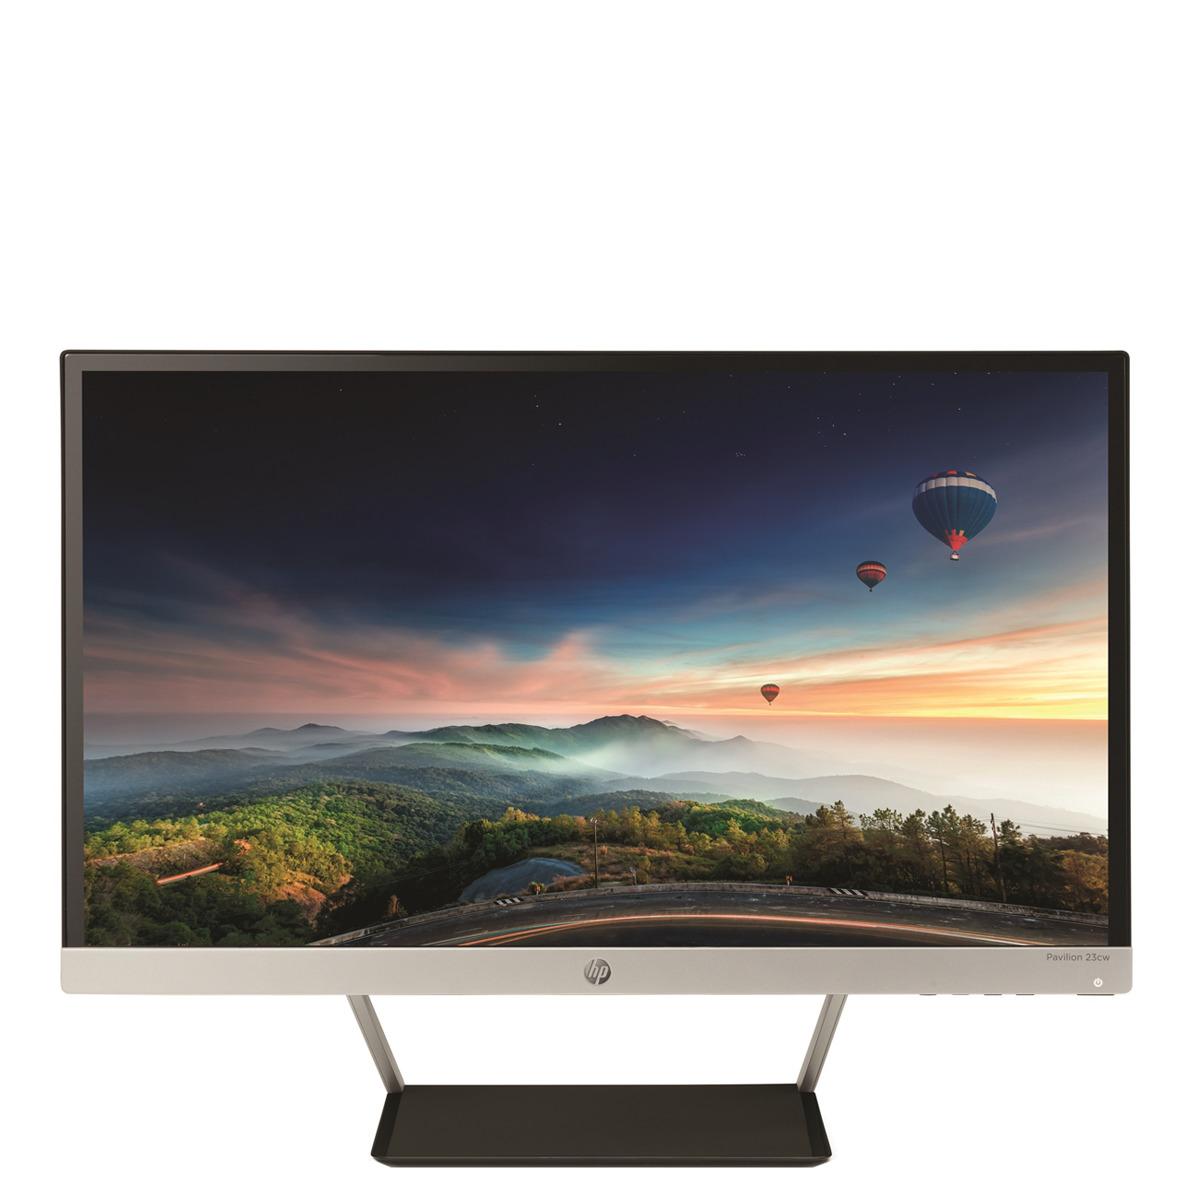 Monitor HP Pavilion 23cw 23'' LED IPS